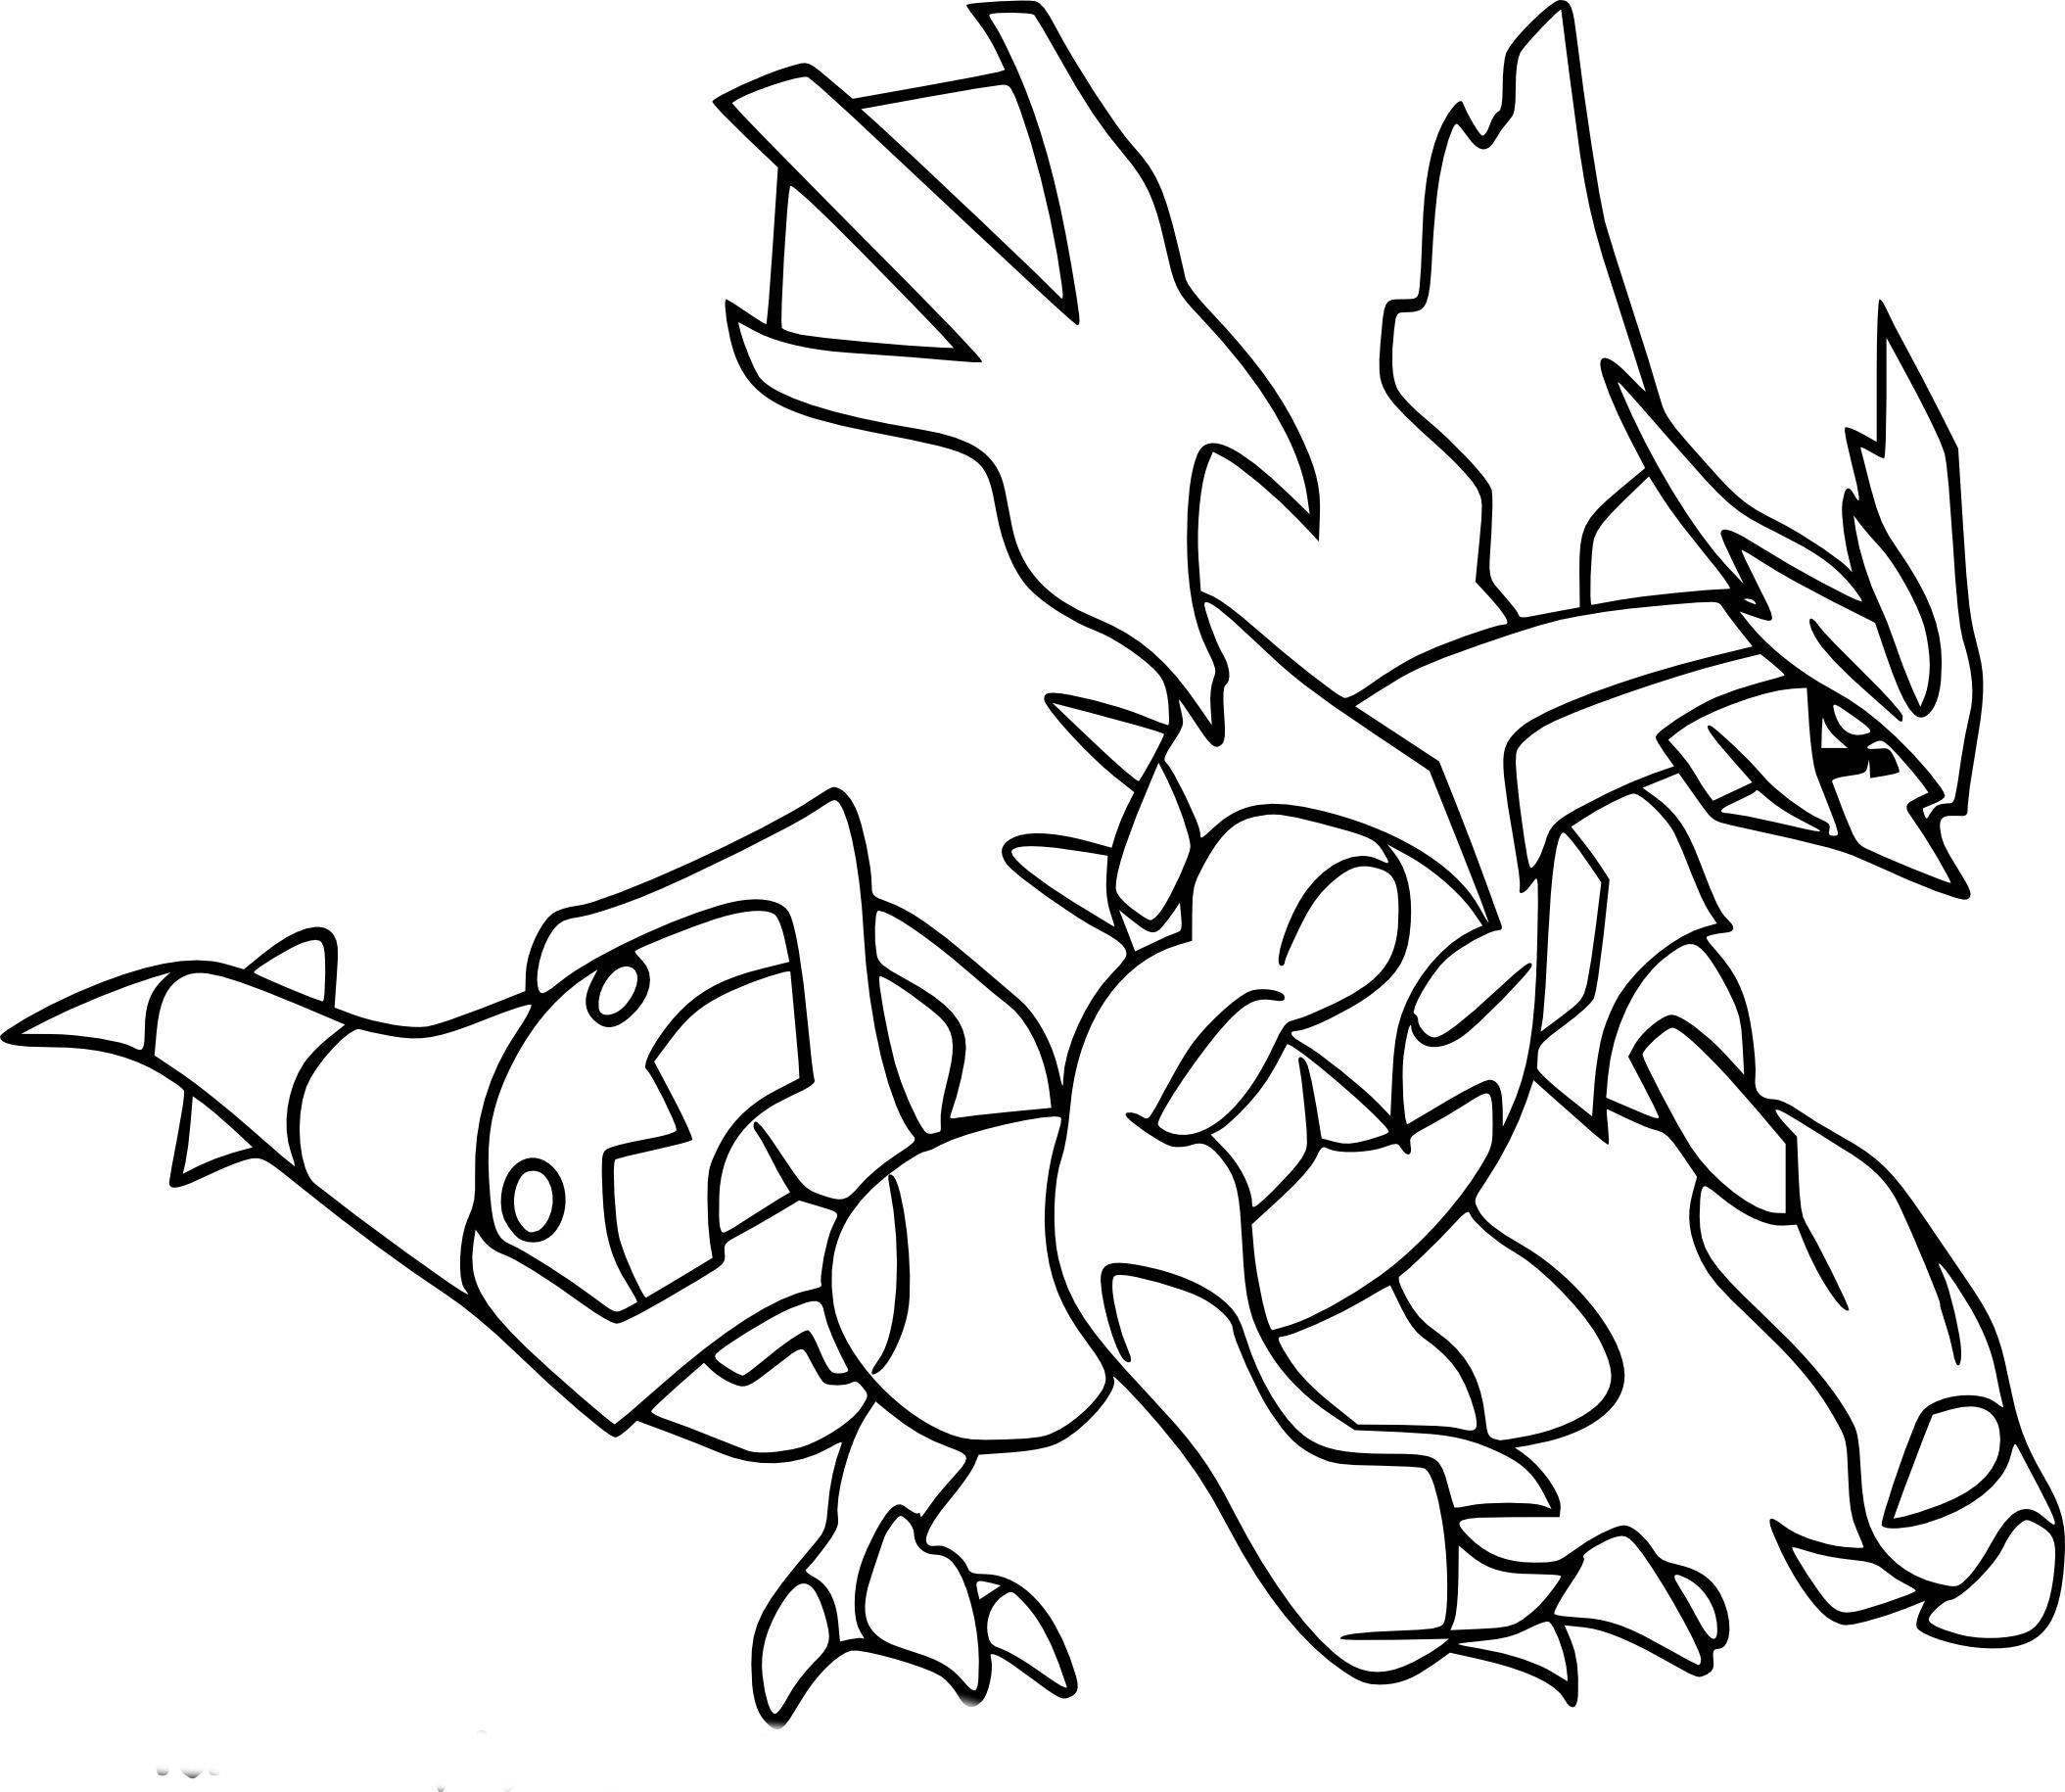 16 Coloriage Pokemon A Imprimer Kyurem Noir Coloring Pages Pokemon Coloring Pages Pokemon Coloring Page